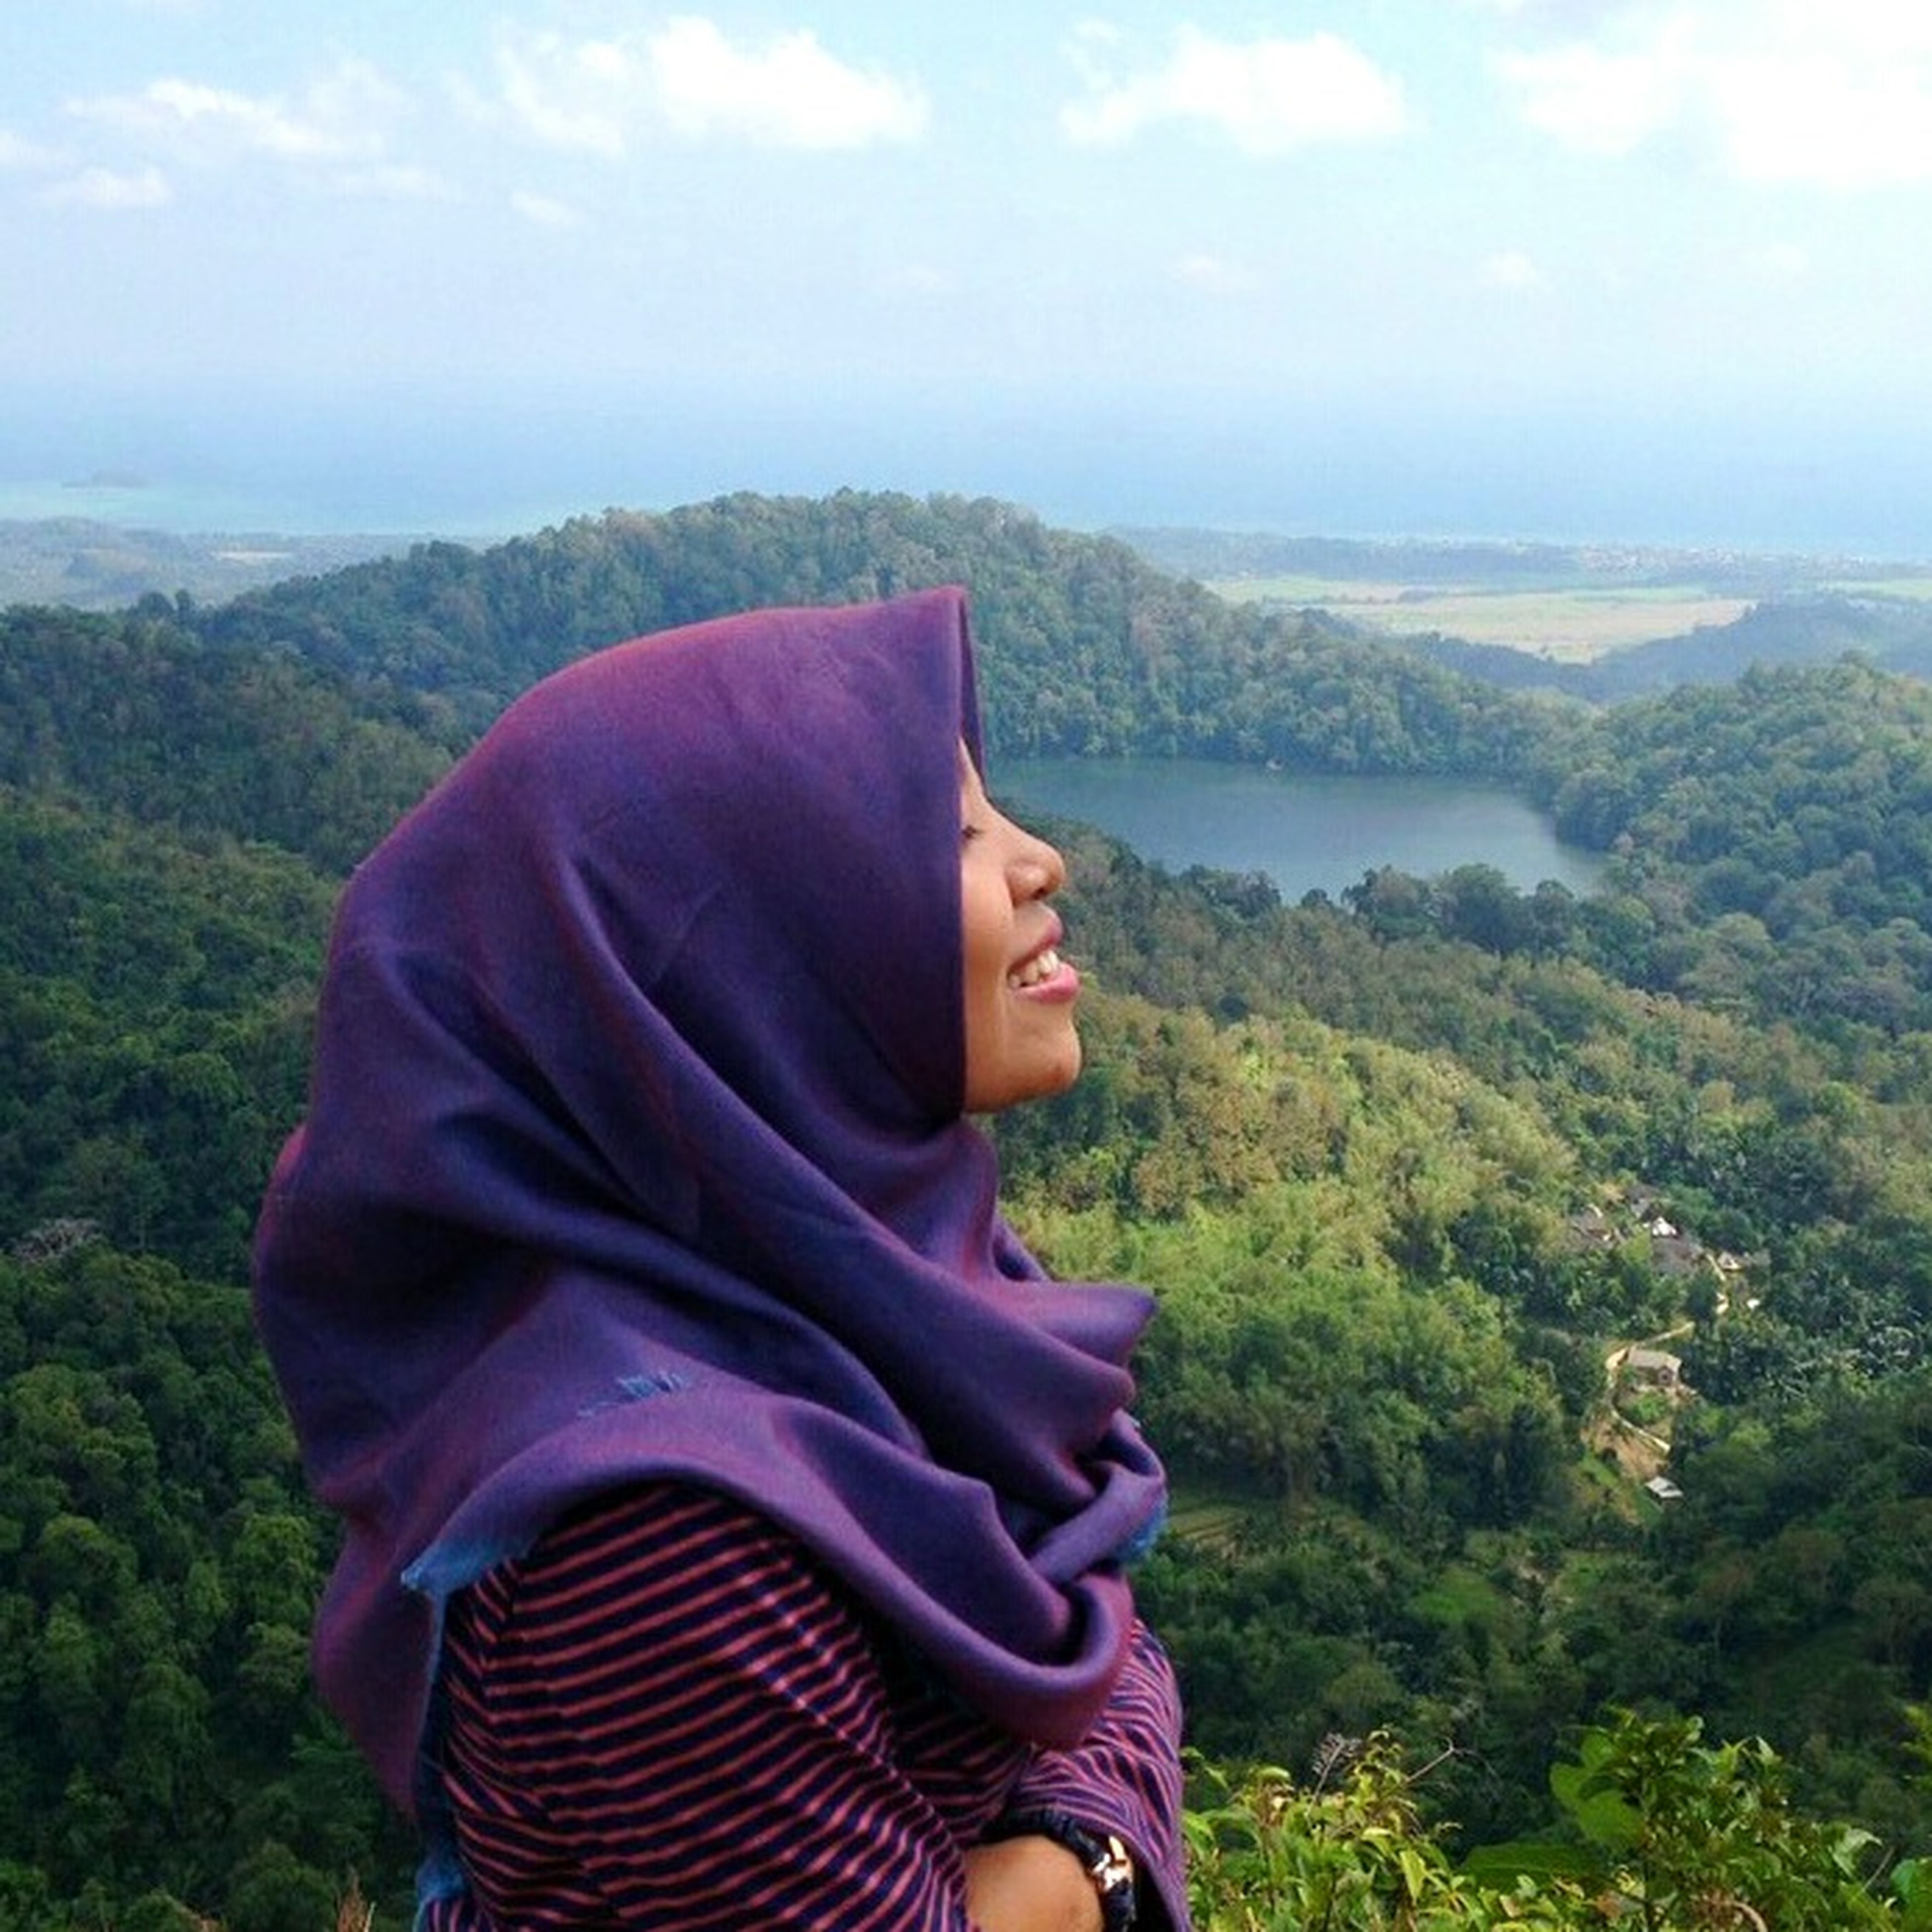 Mt. Shabu, Bawean island Exploregresik Explorebawean Exploreindonesia Mountain View Hello World HelloEyeEm Selfie ✌